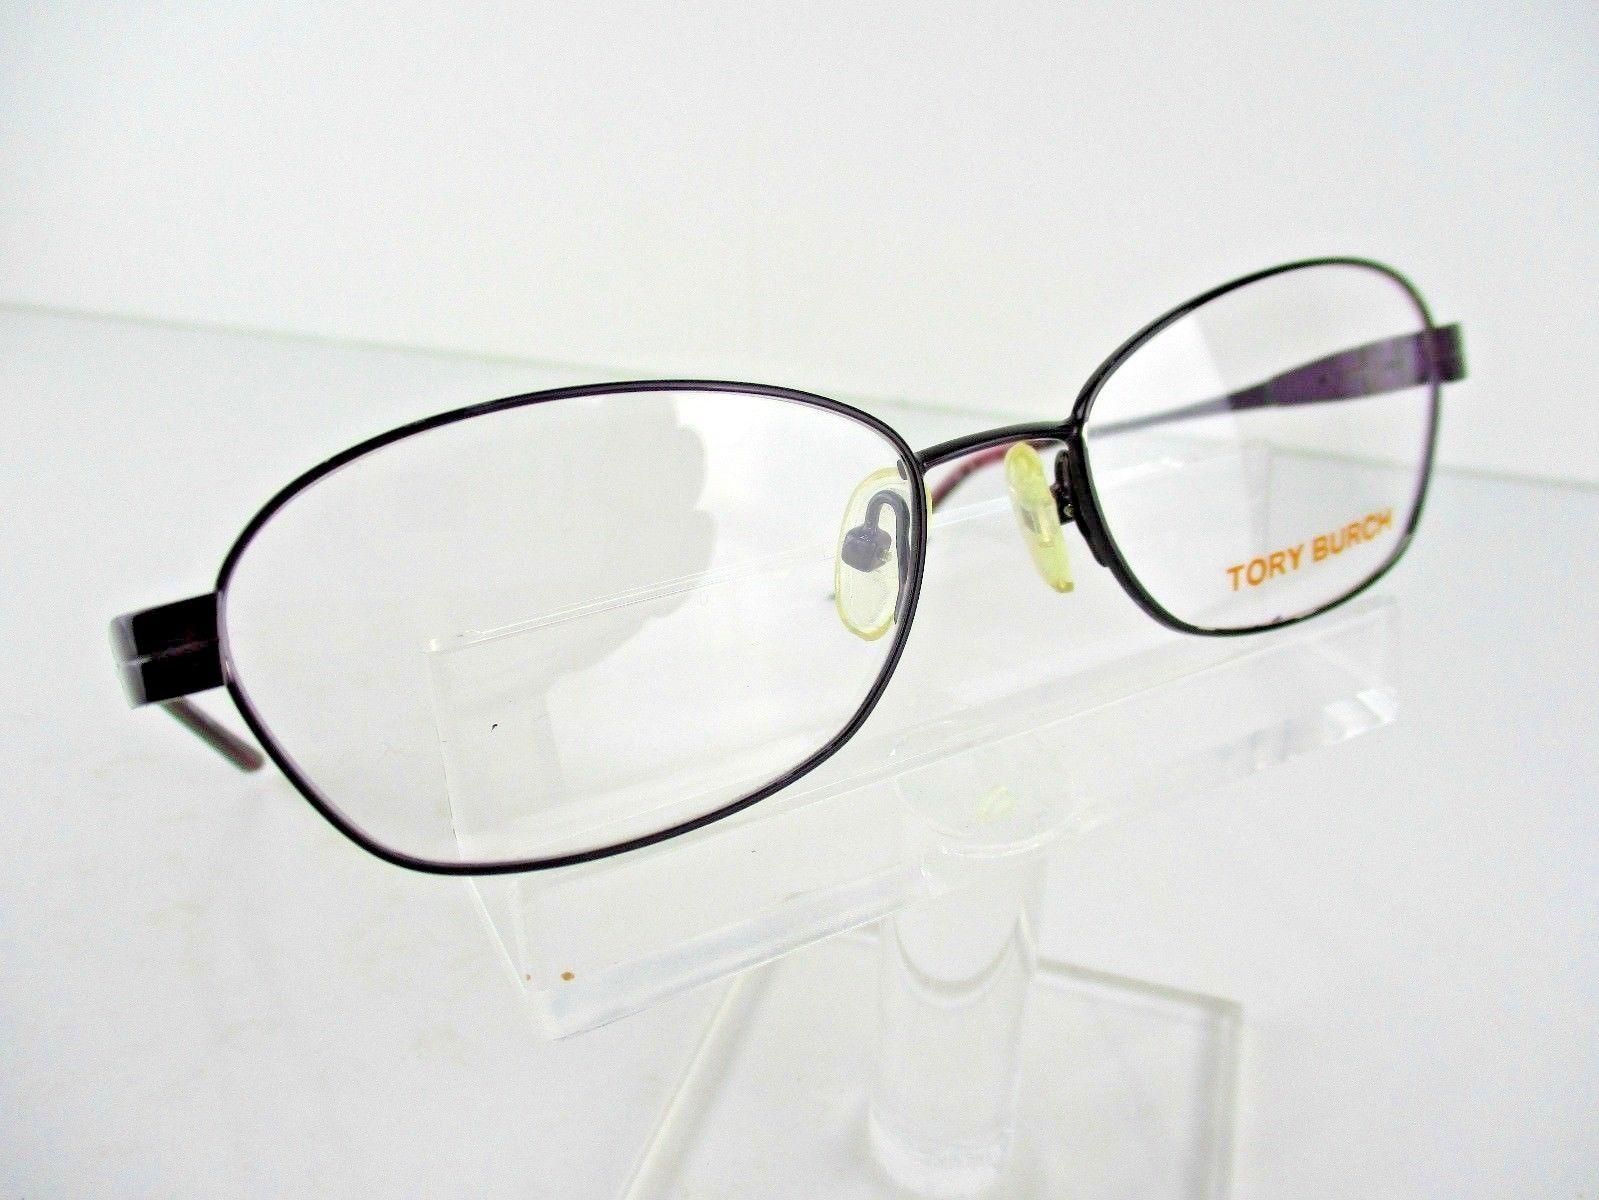 8fa7fbd20b Tory Burch TY 1008 (126) Plum 51 x 16 135 mm Eyeglass Frames -  60.73